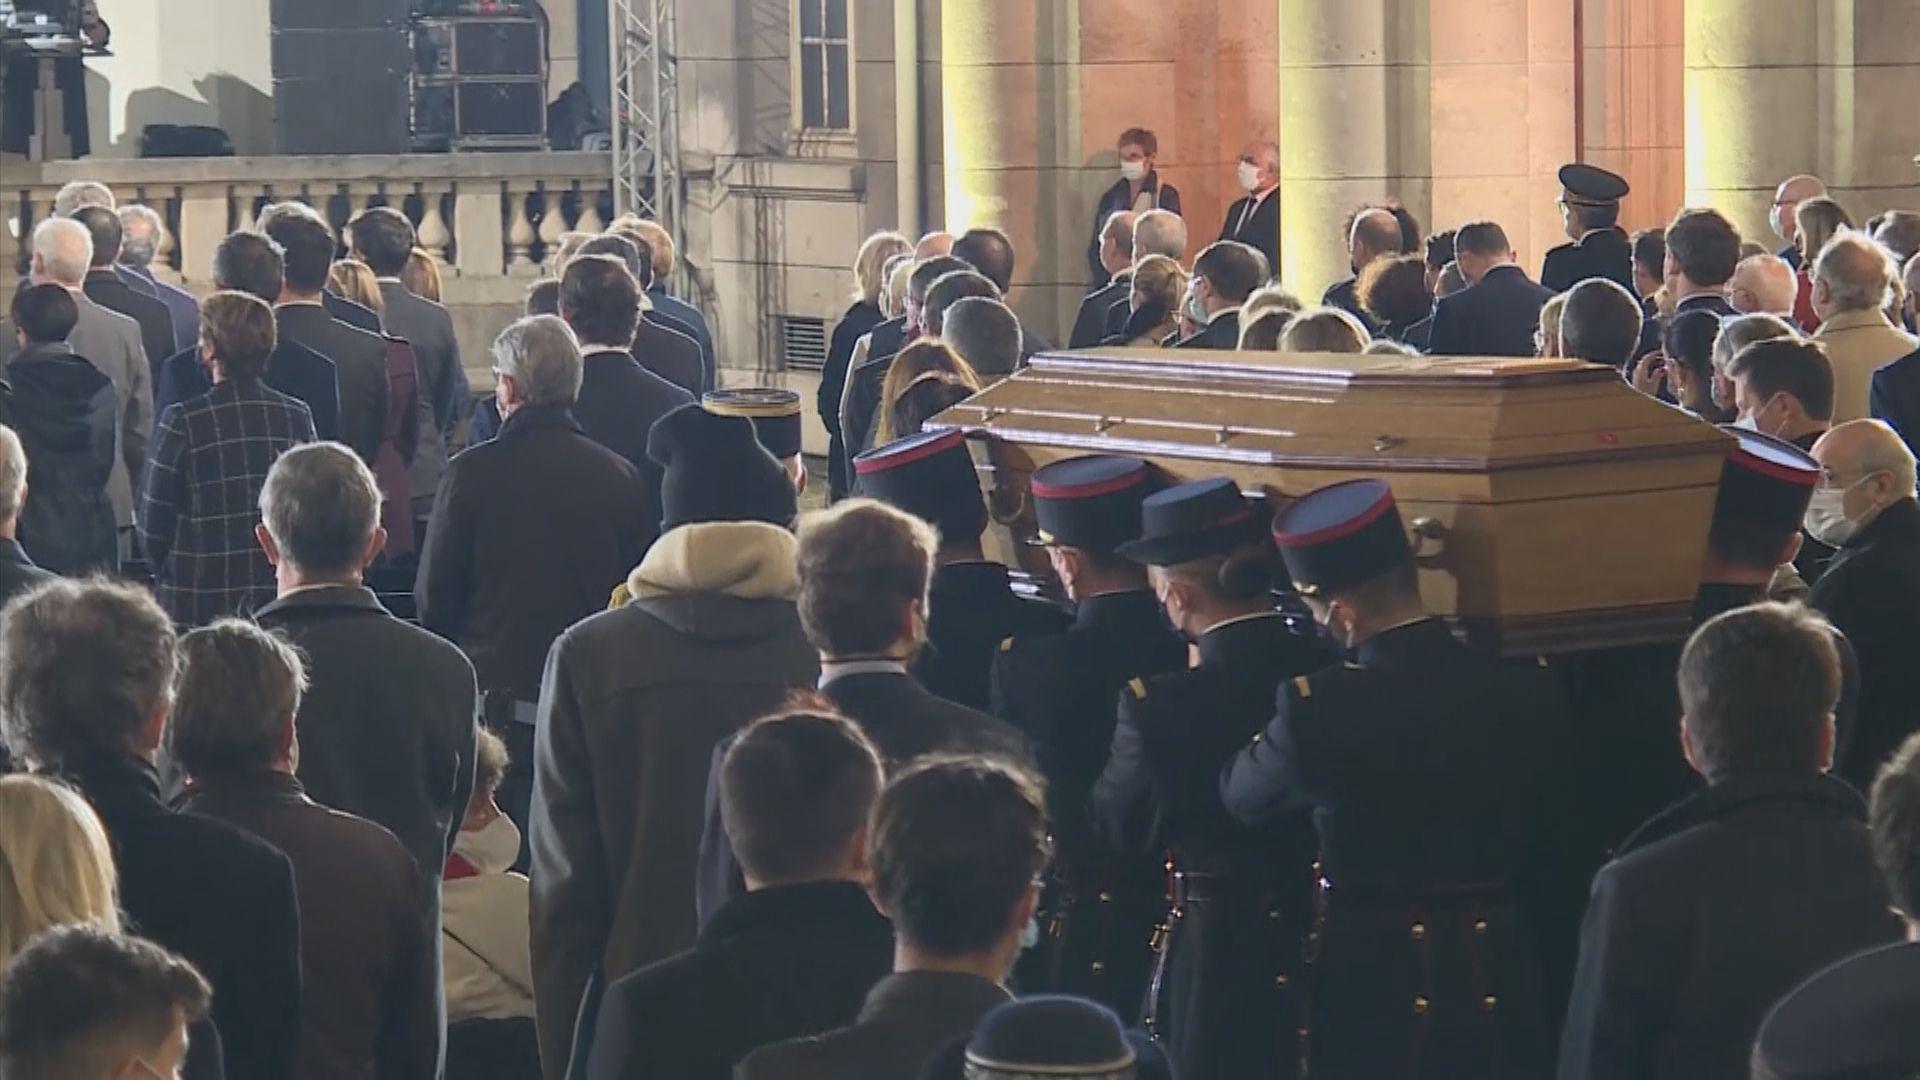 法國為遭斬首殺害教師舉行哀悼儀式